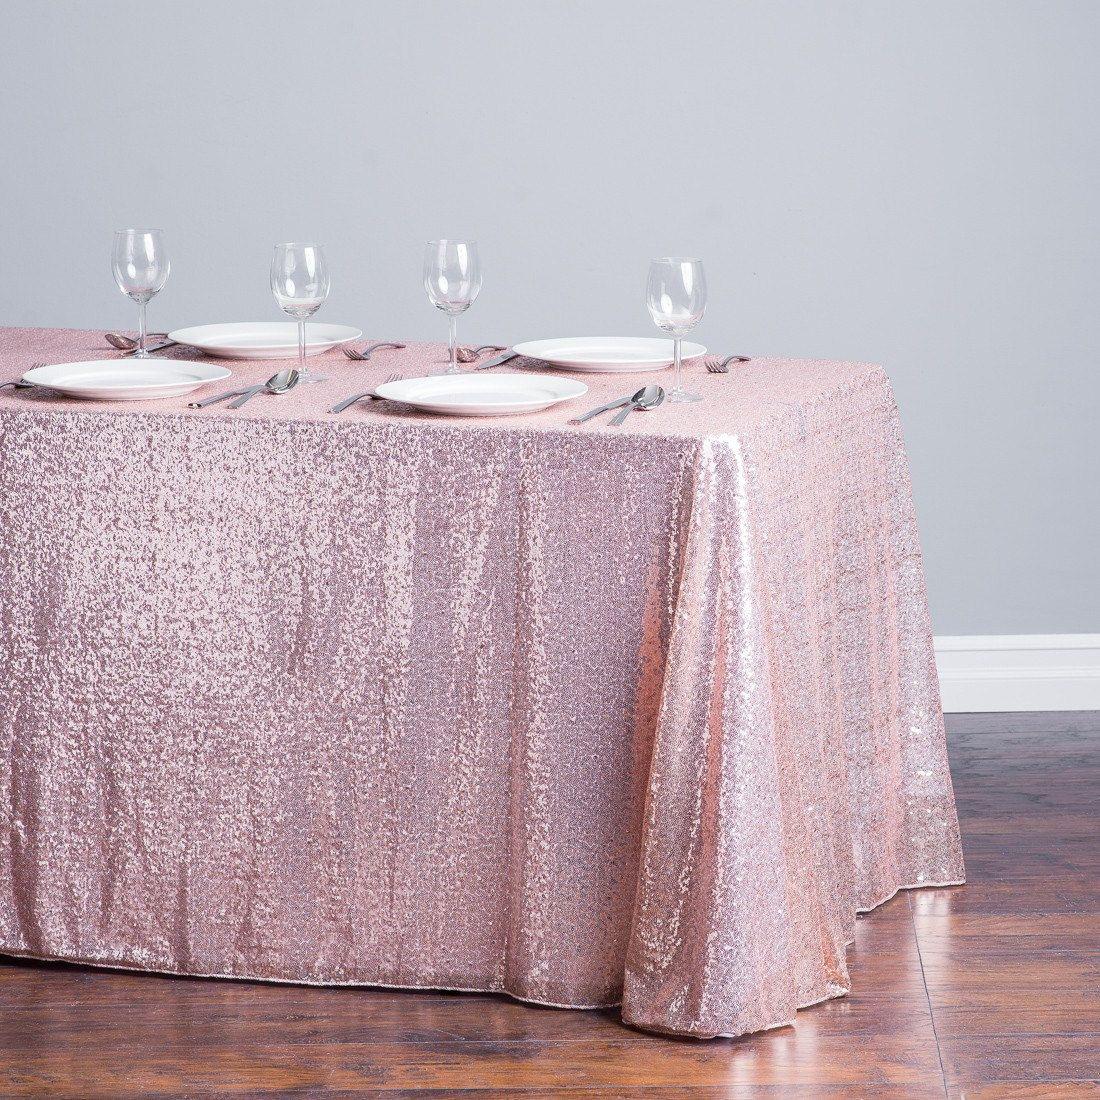 Sequin Tablecloth Sequin Tablecloth Party Decor Wedding